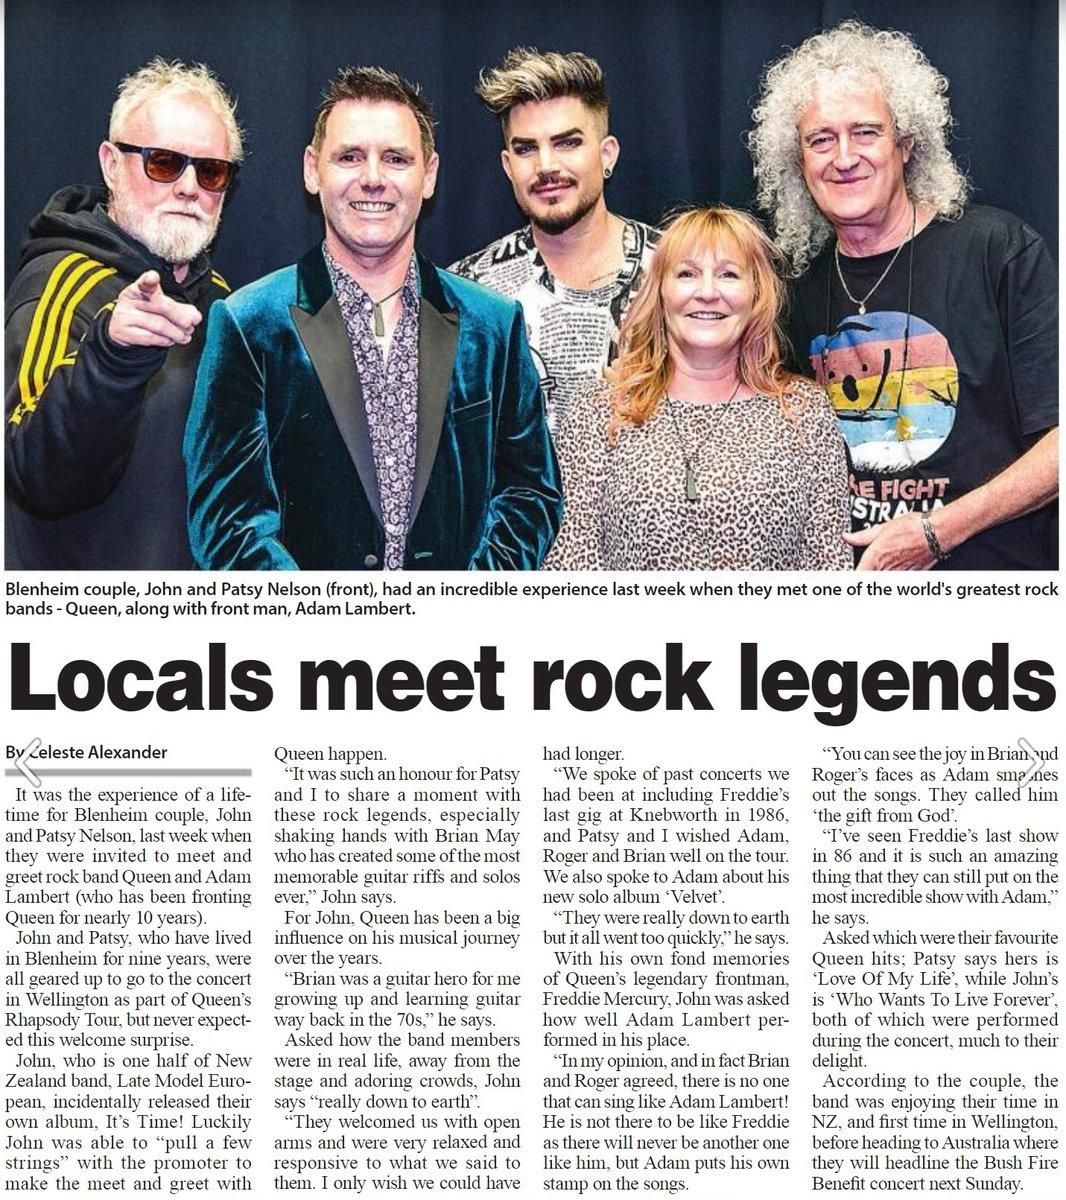 My article in today's #blenheim #sun newspaper after meeting @DrBrianMay @OfficialRMT @adamlambert @QueenWillRock last week in @Wellington_NZ @skystadium